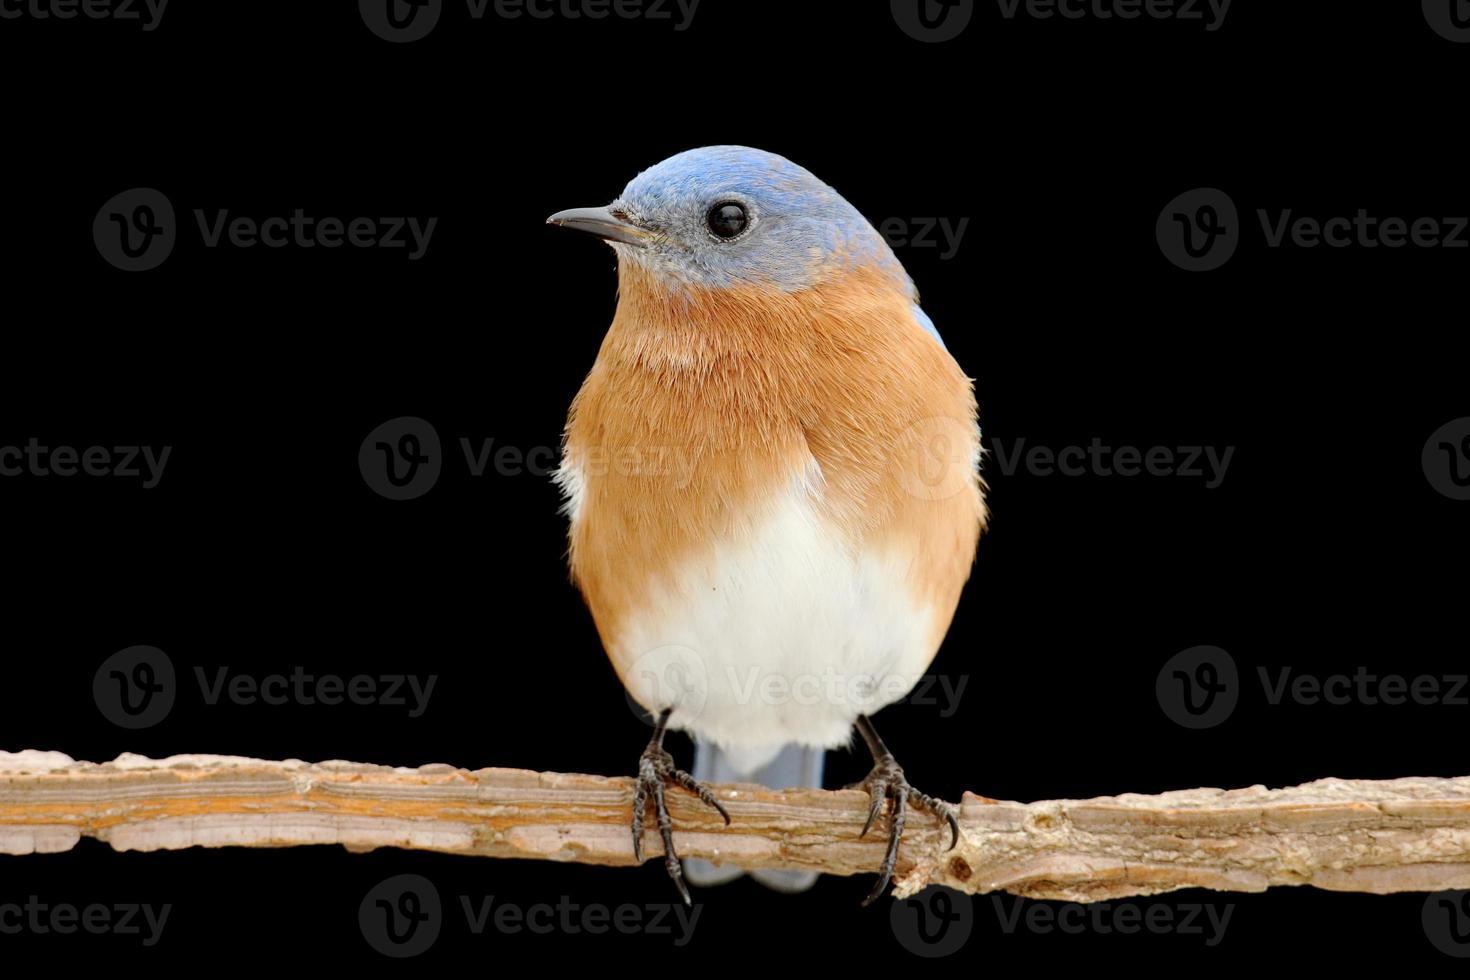 maschio bluebird orientale sul nero foto